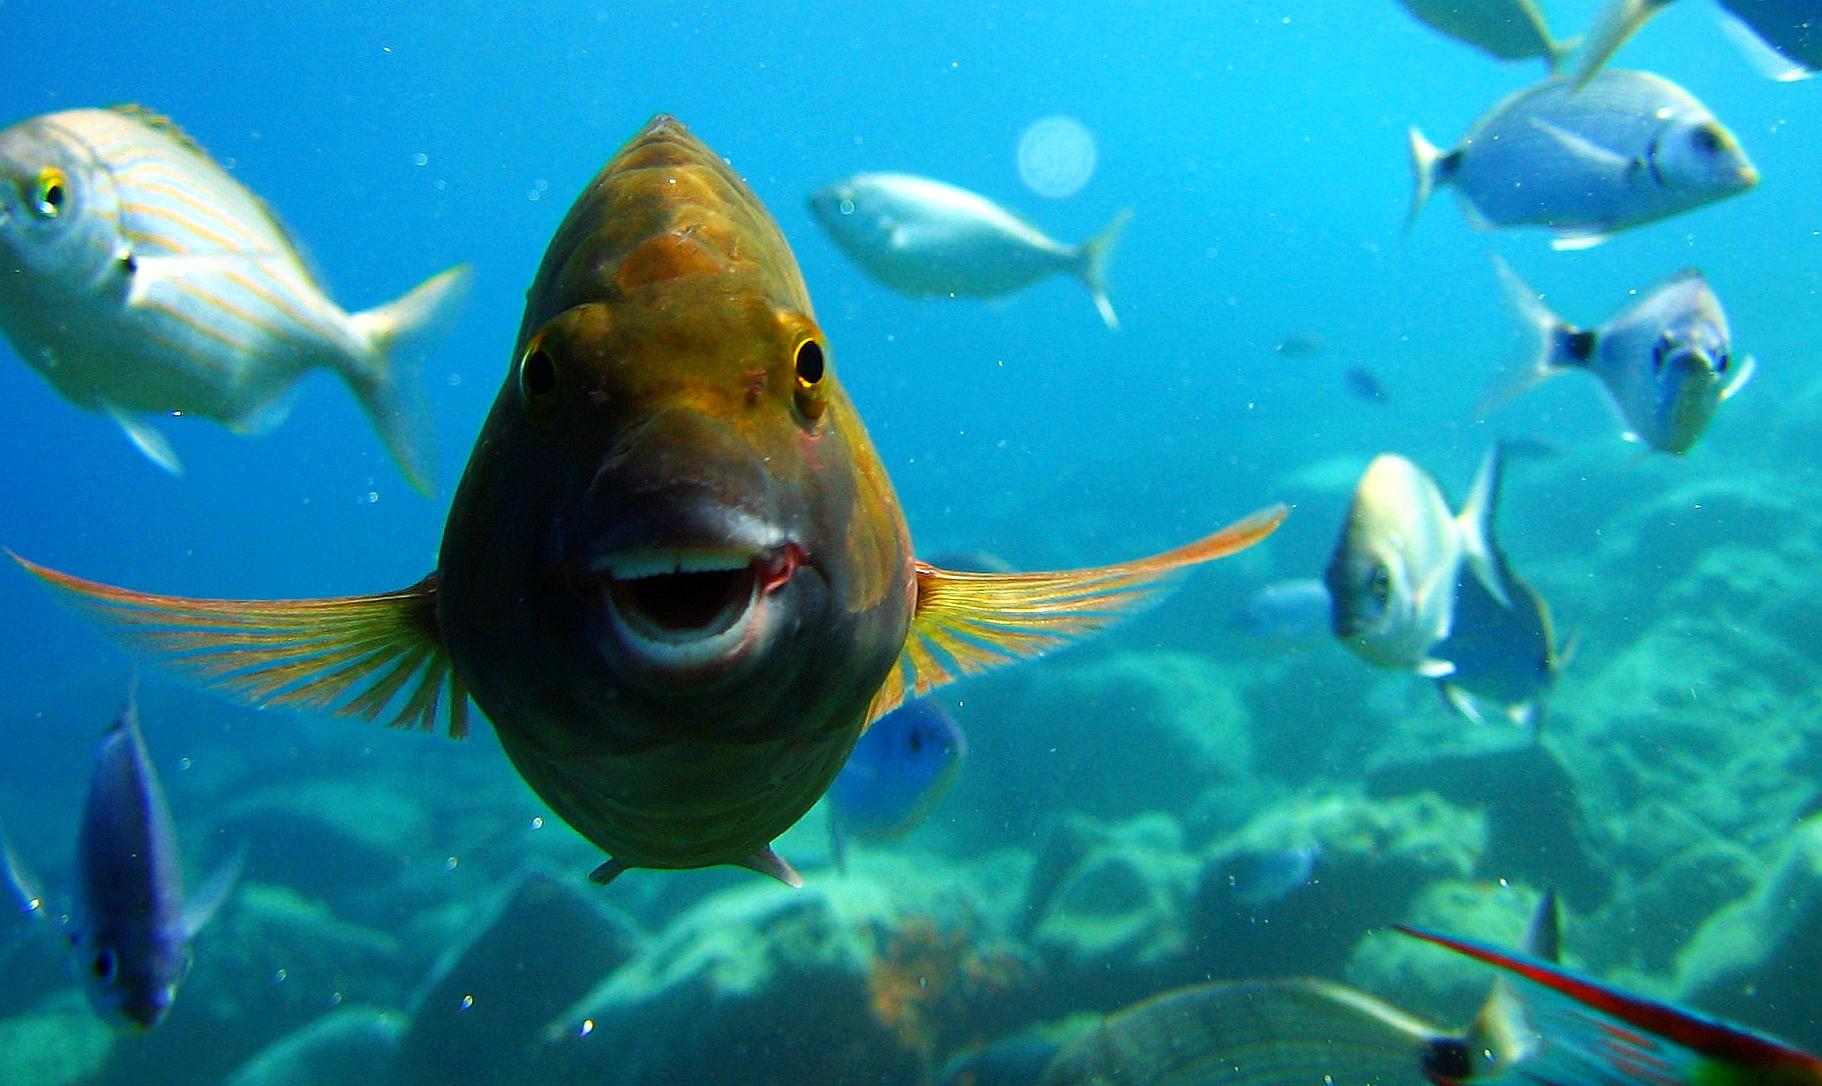 Рыбка смешные картинки